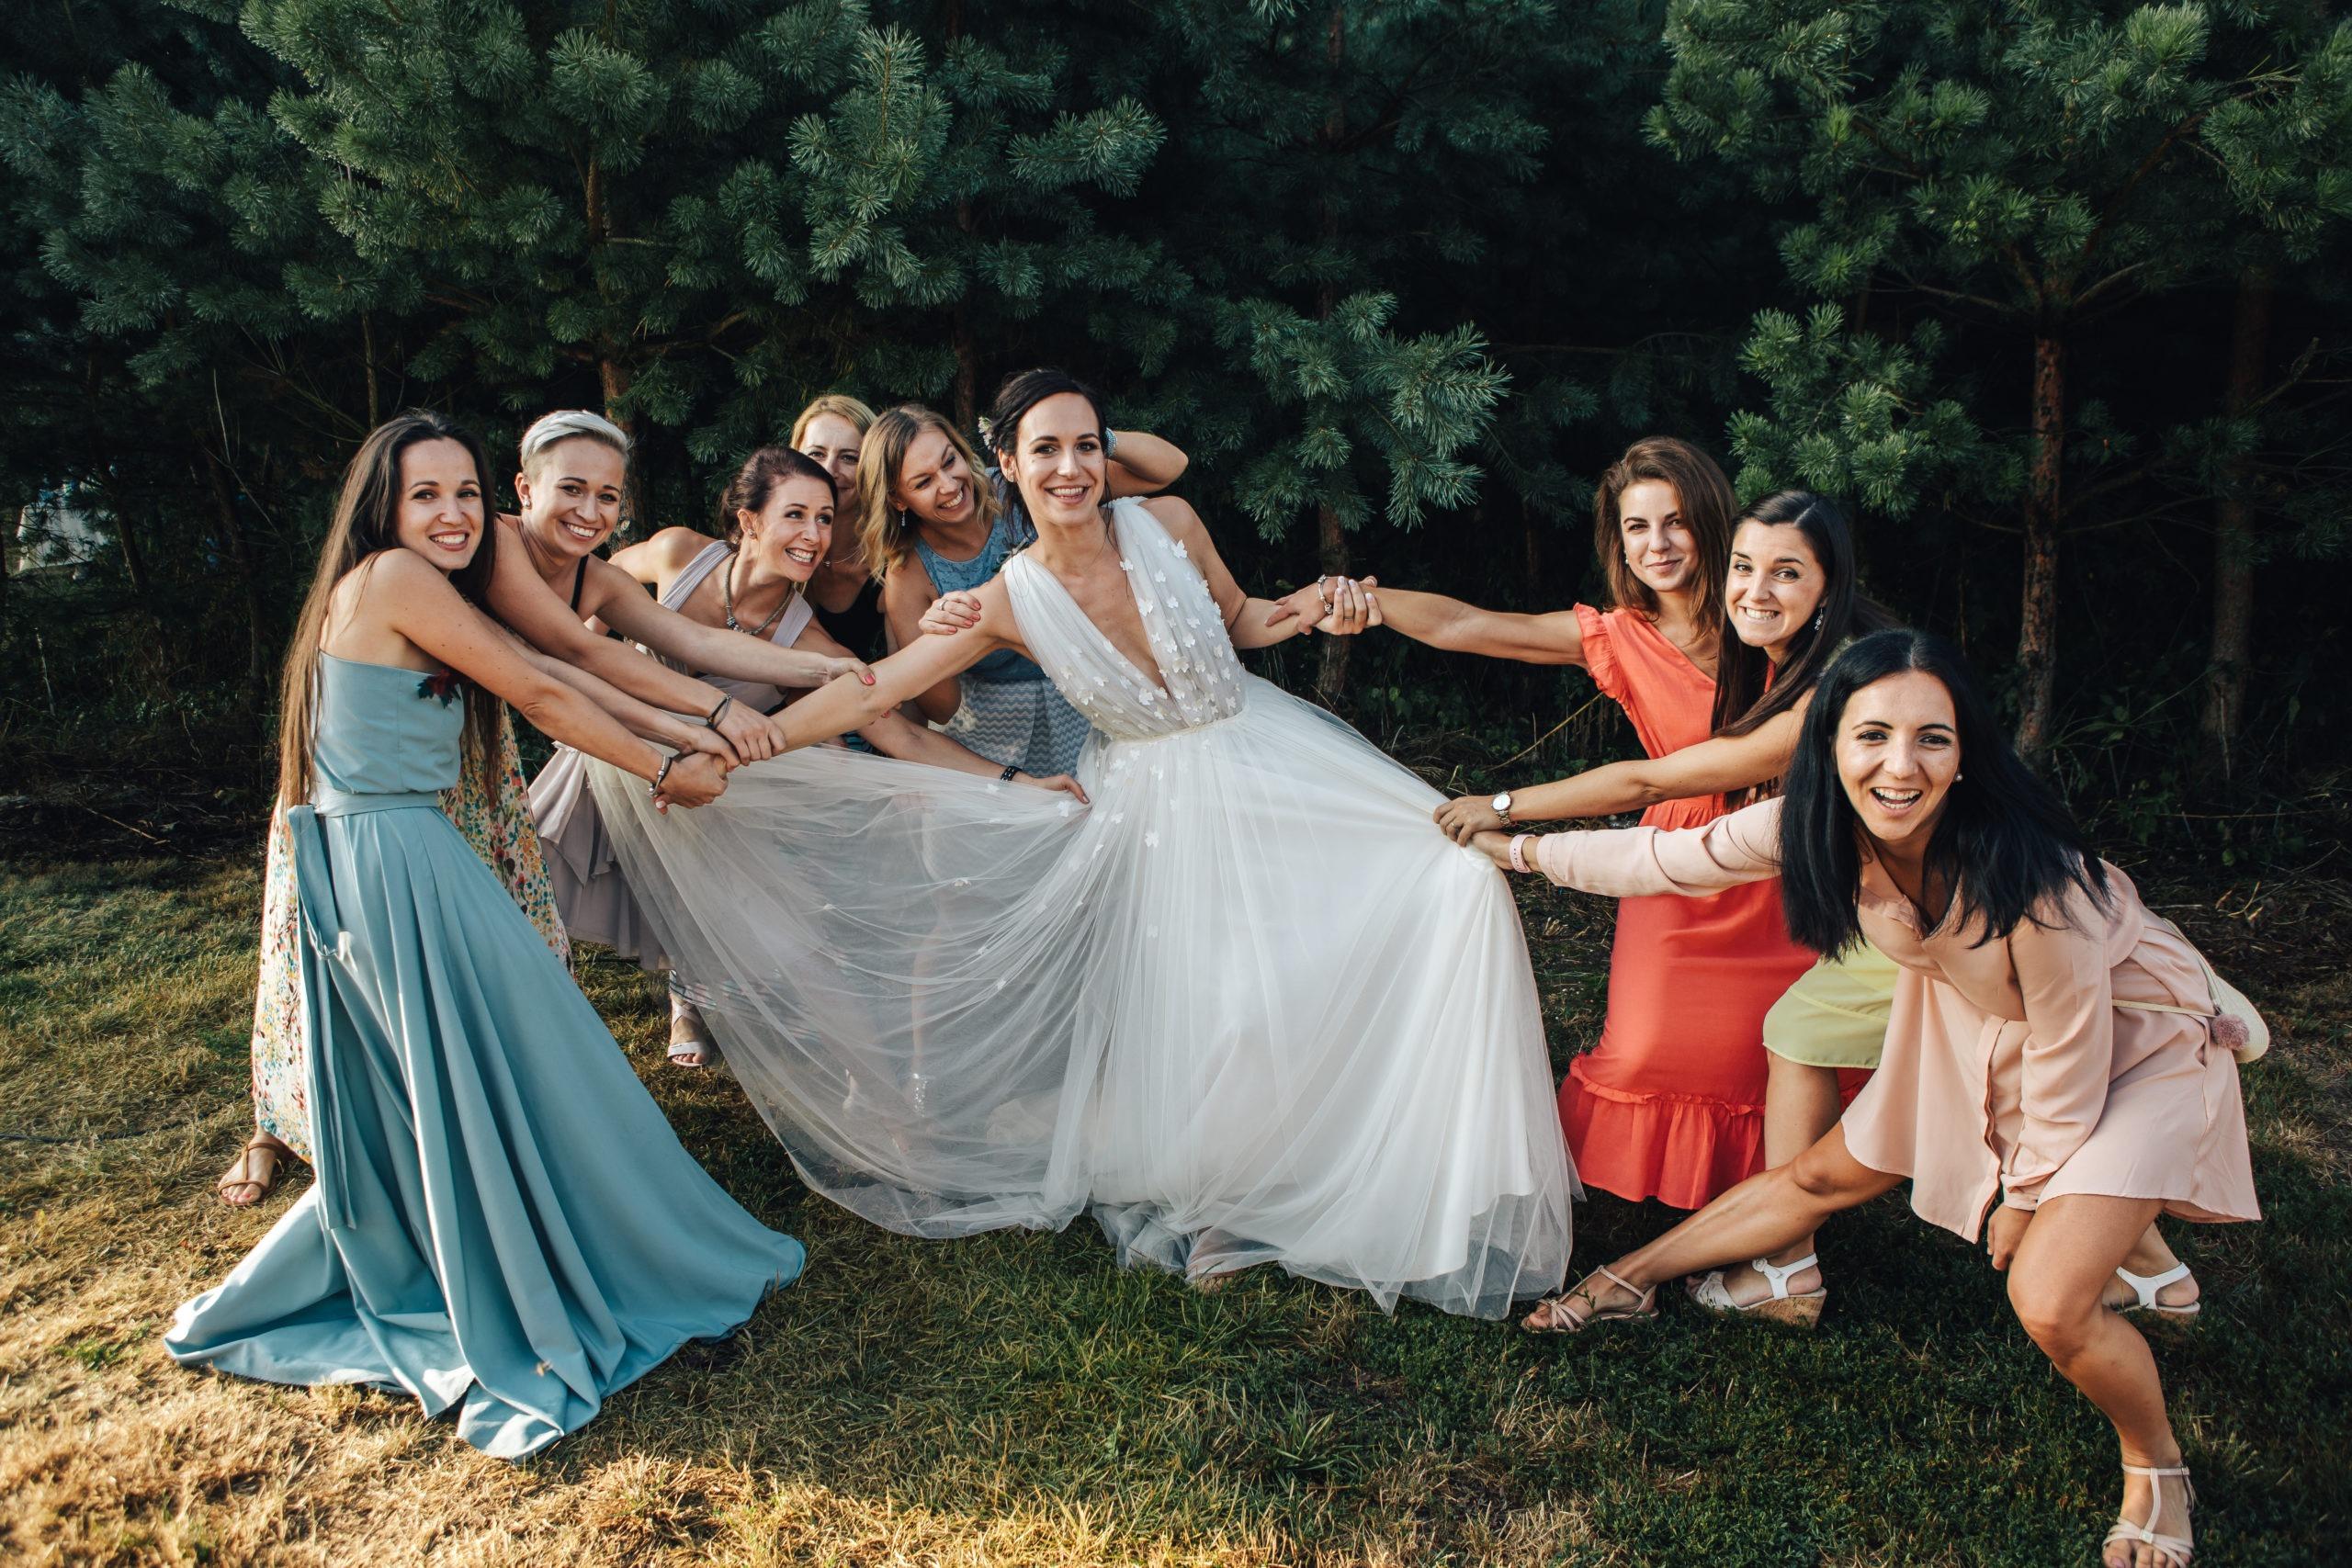 svatební družičky svatba jičín